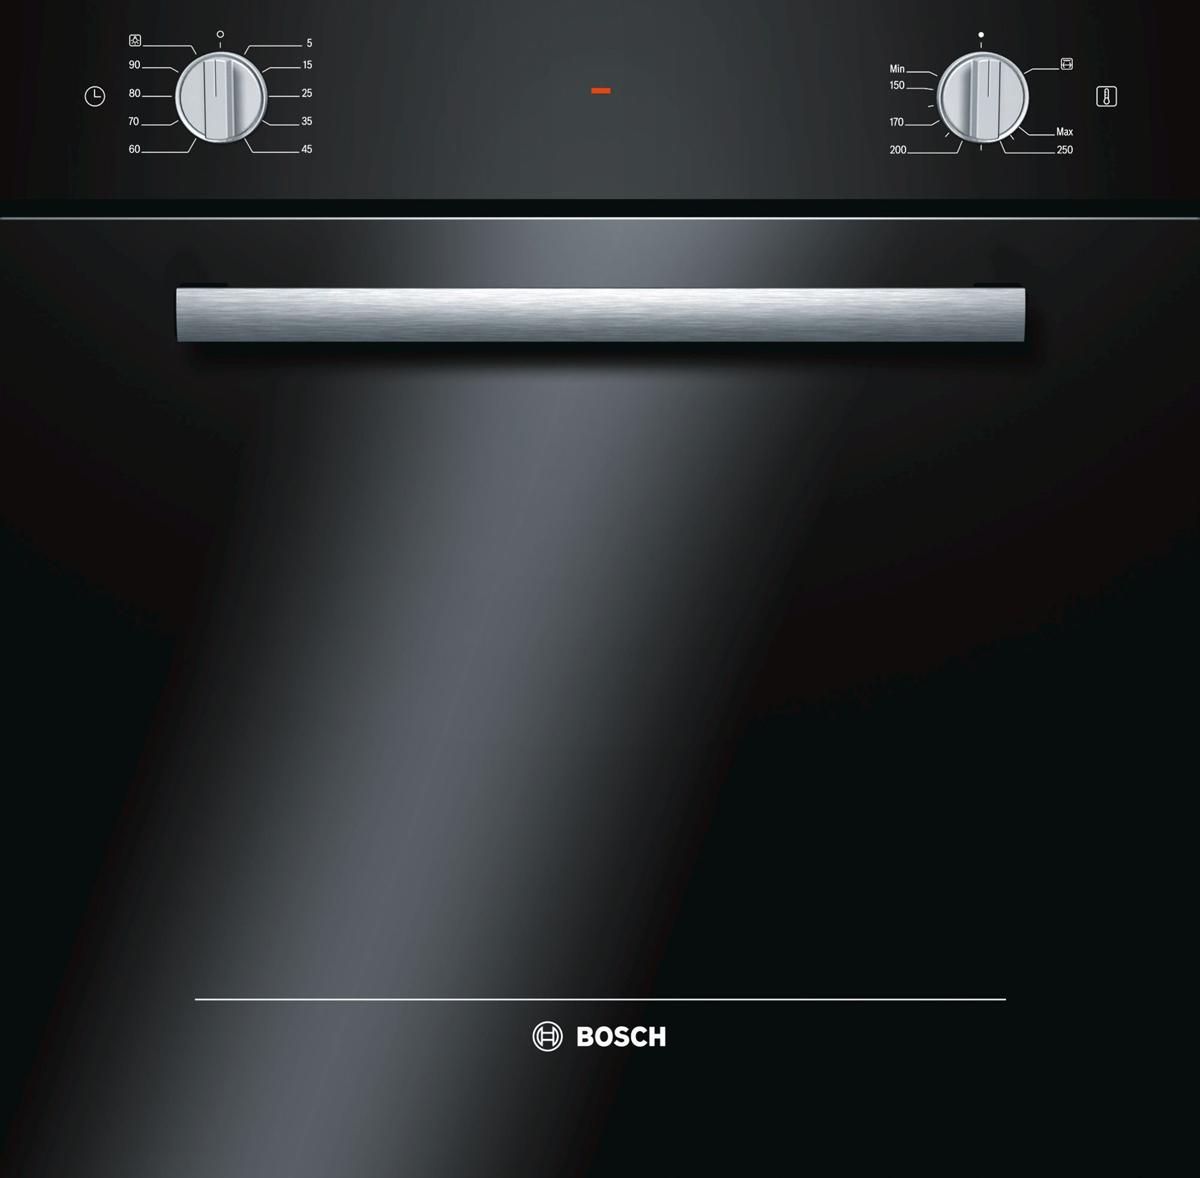 Духовой шкаф Bosch HGN10E060, Black, встраиваемый все цены